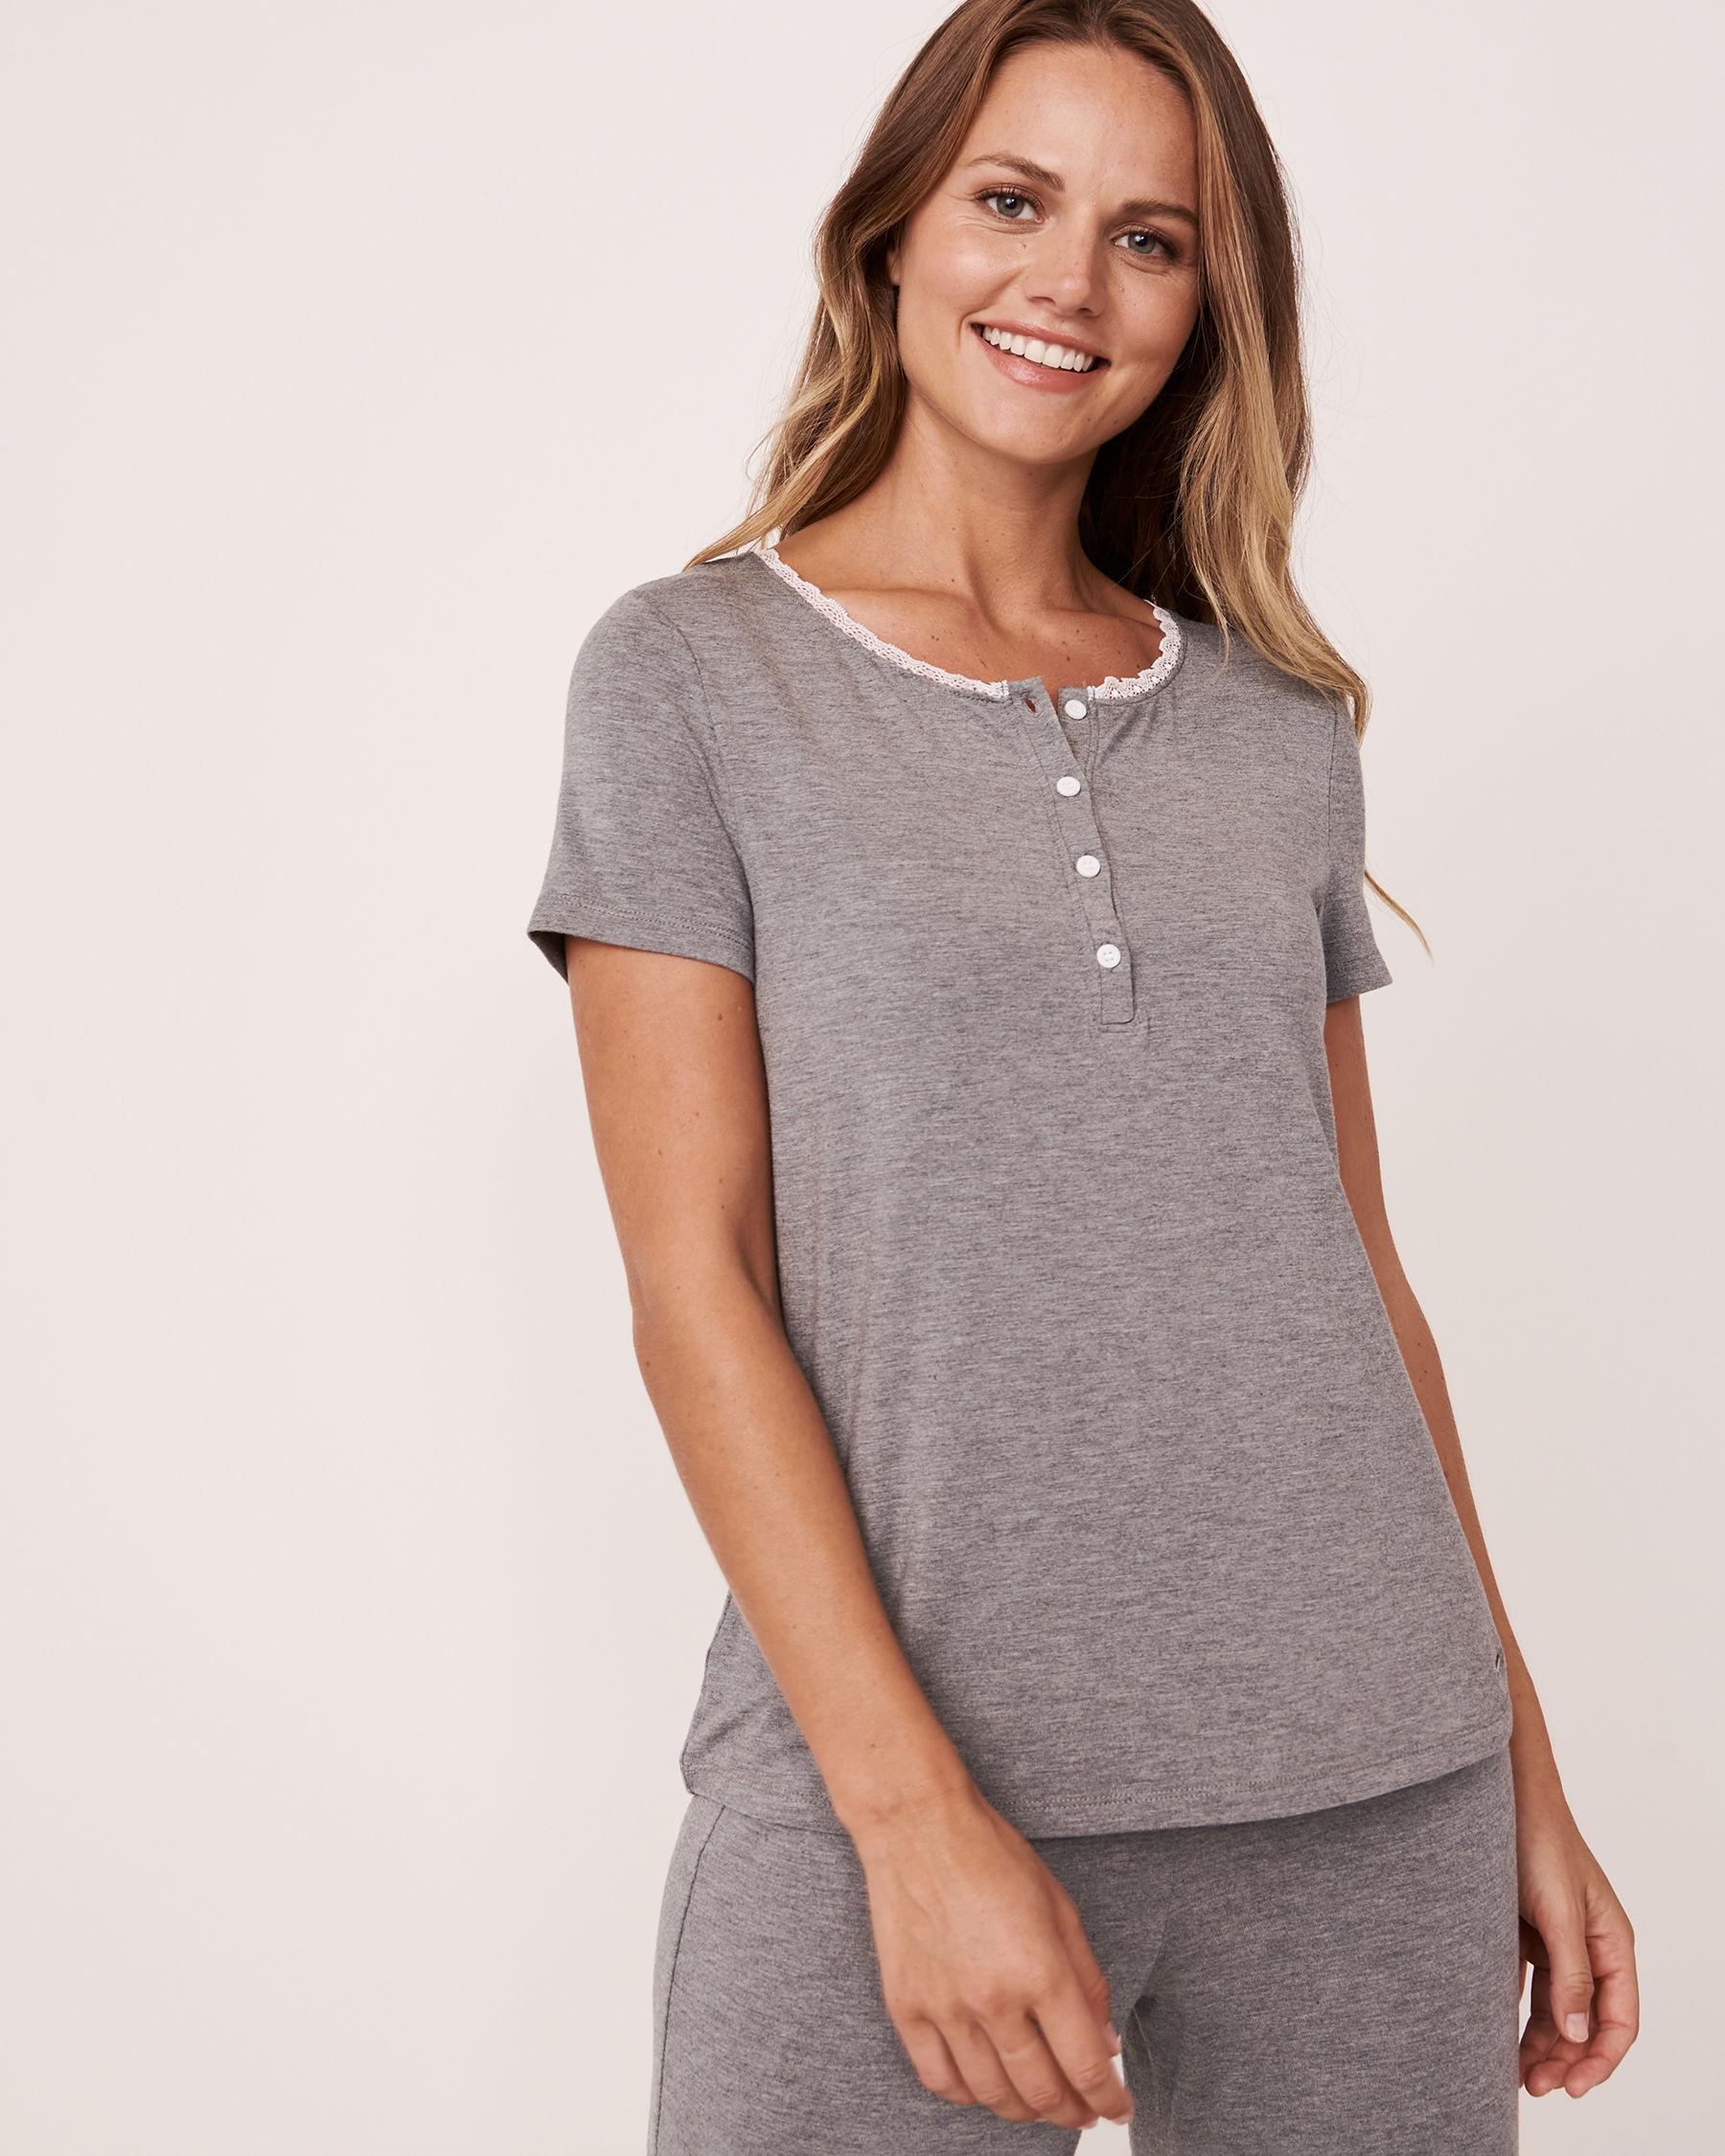 LA VIE EN ROSE Henley T-shirt Charcoal mix 50100008 - View1